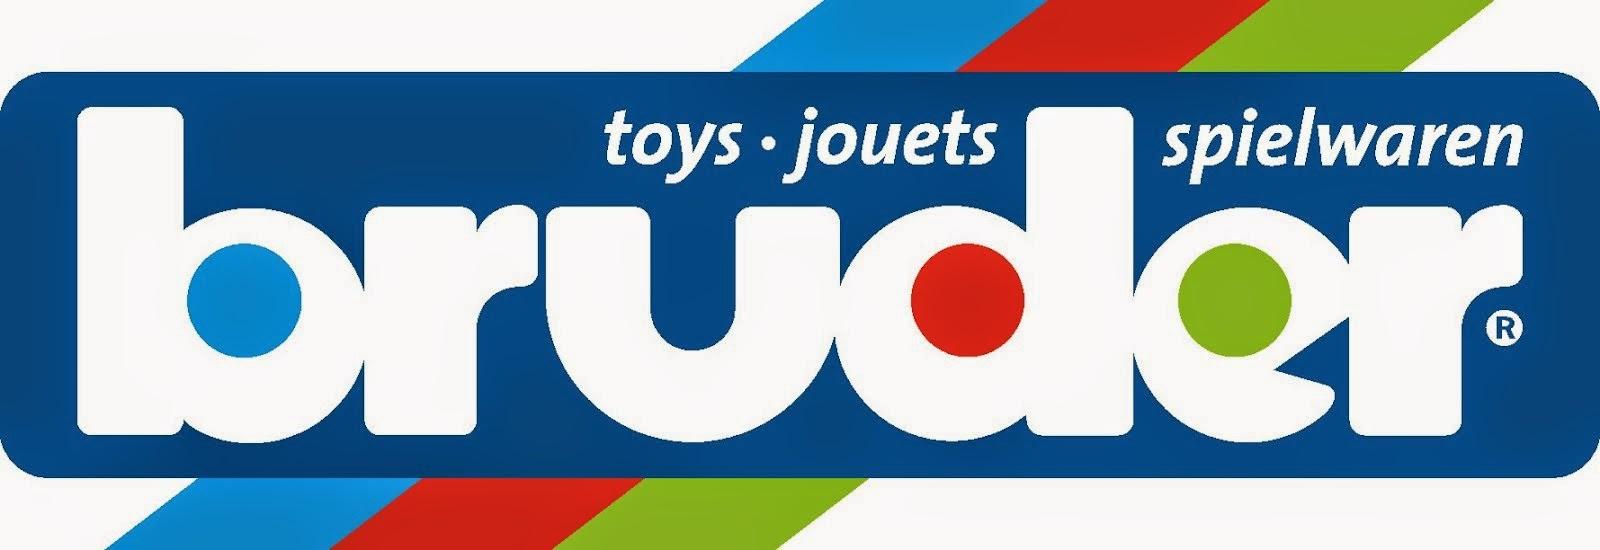 Catalogo juguetes BRUDER